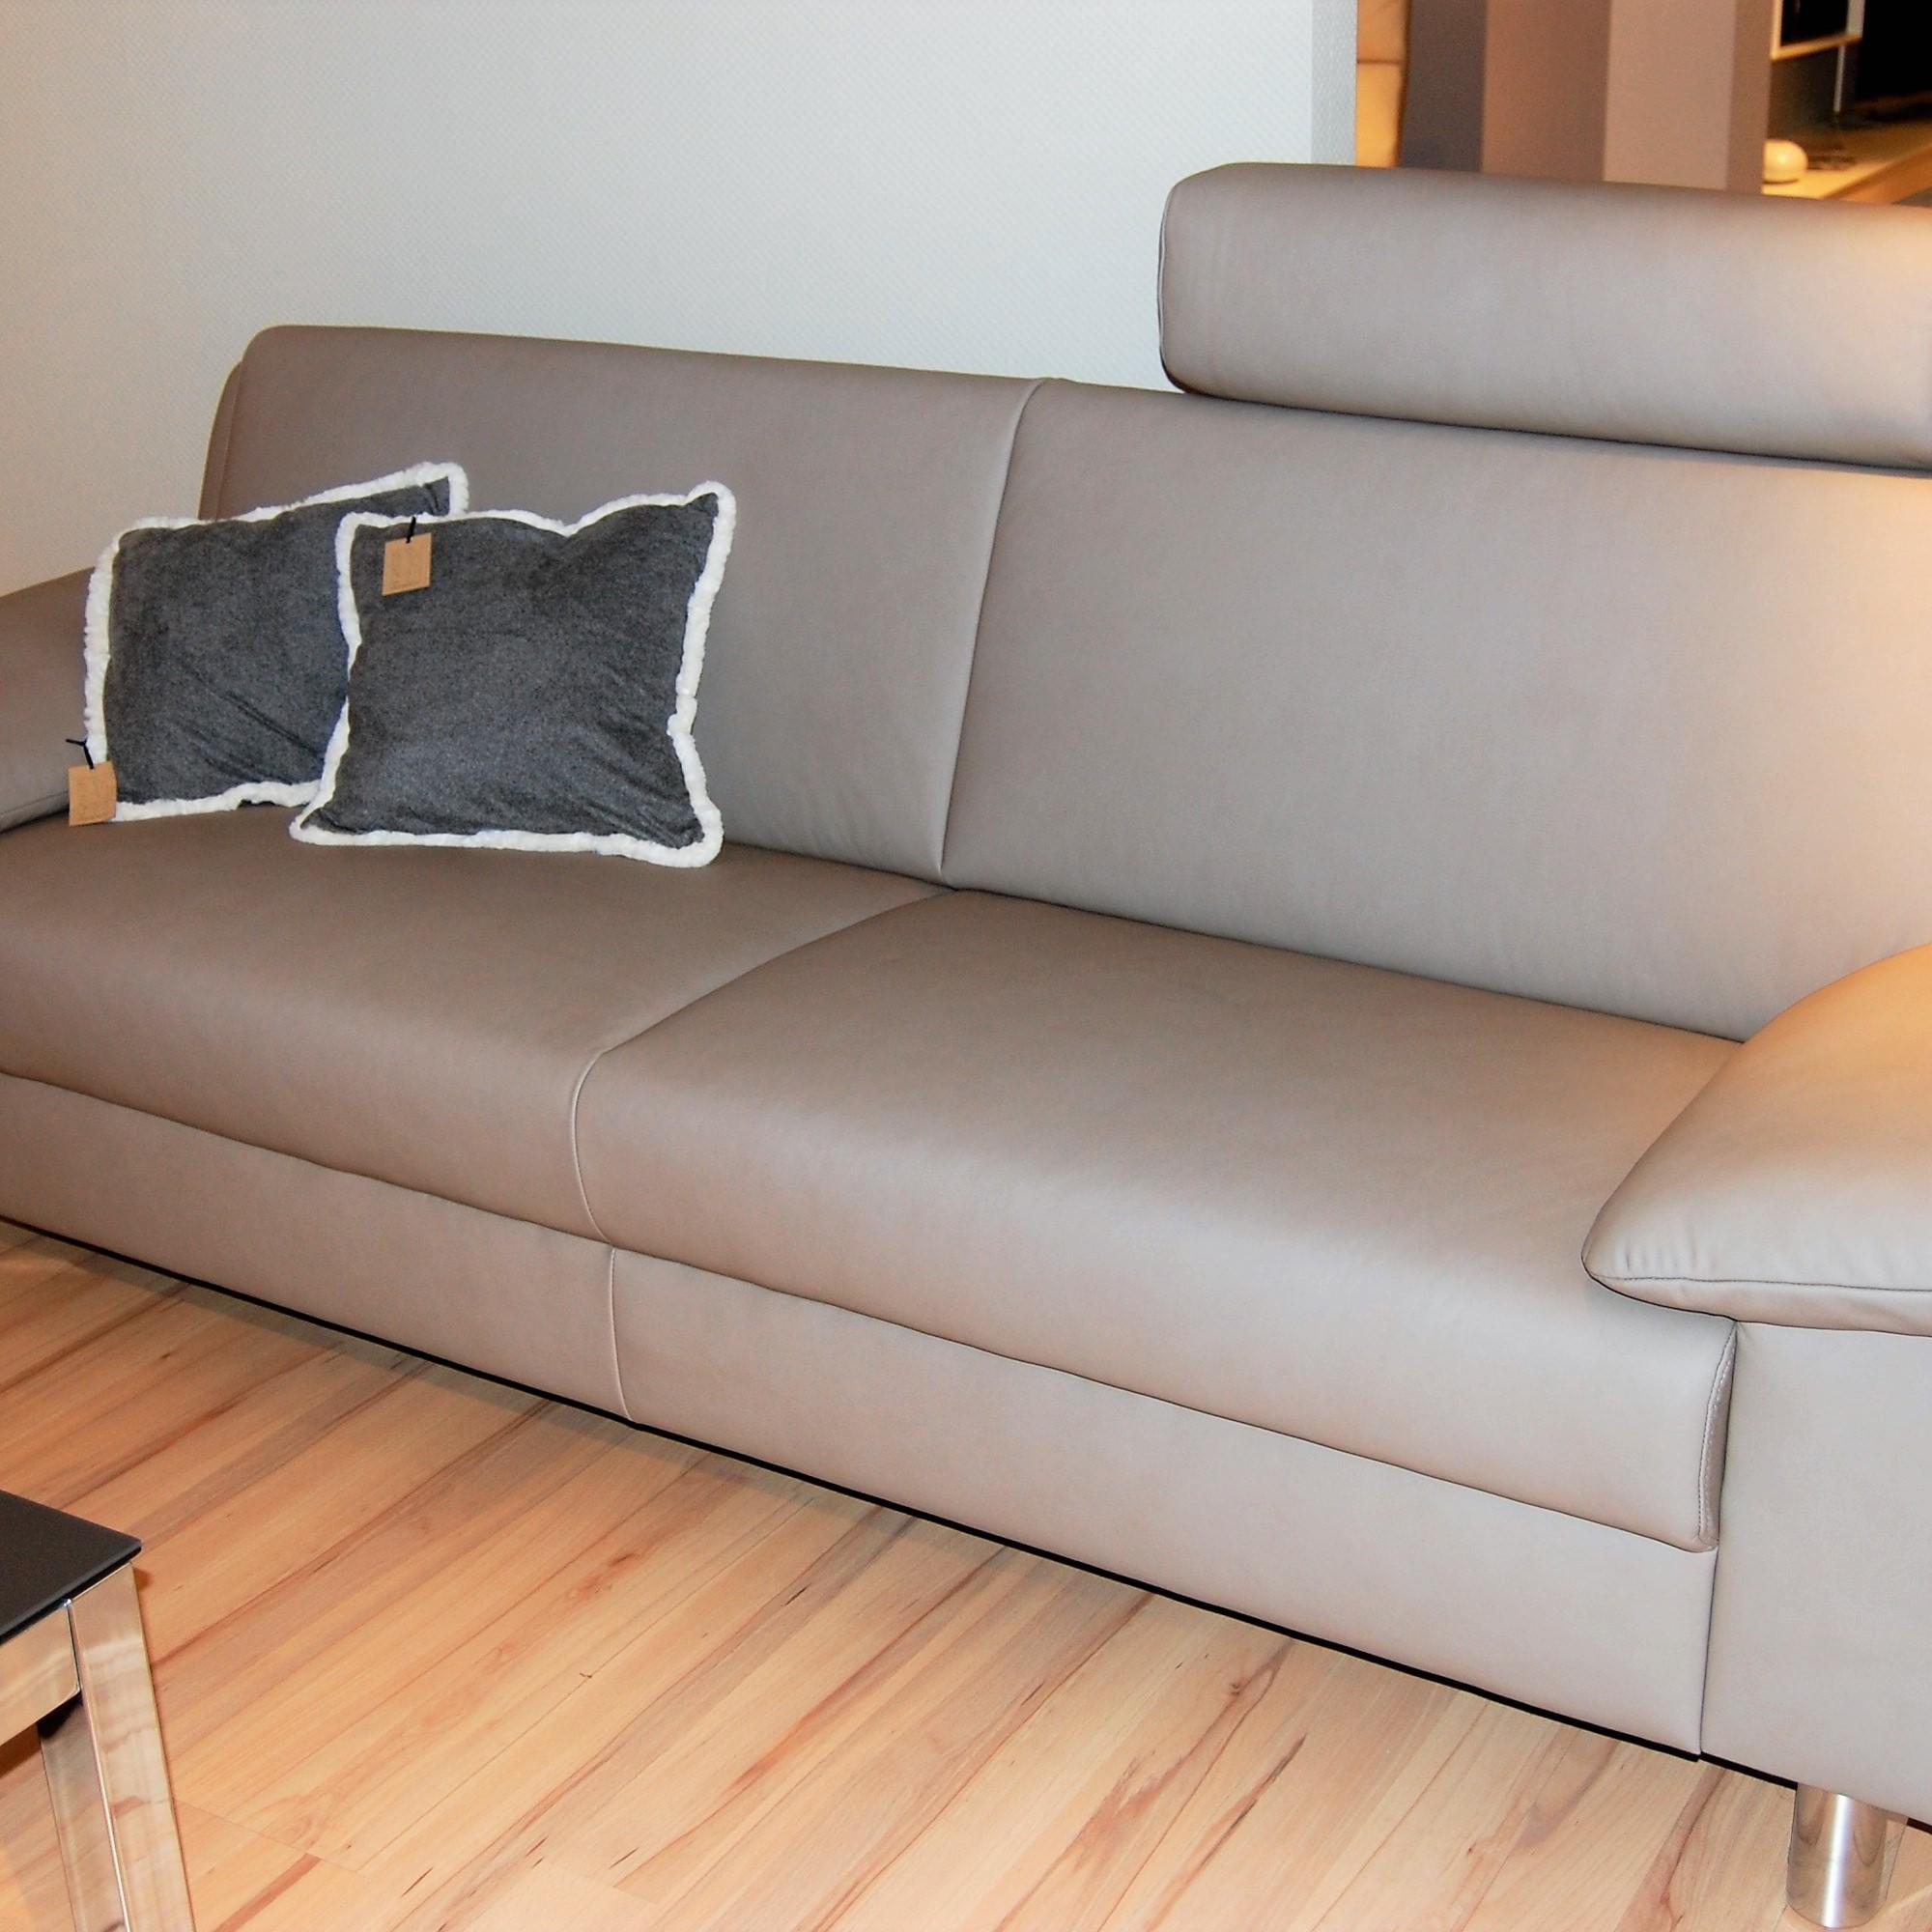 mein ausstellungsst ck wohnzimmer. Black Bedroom Furniture Sets. Home Design Ideas